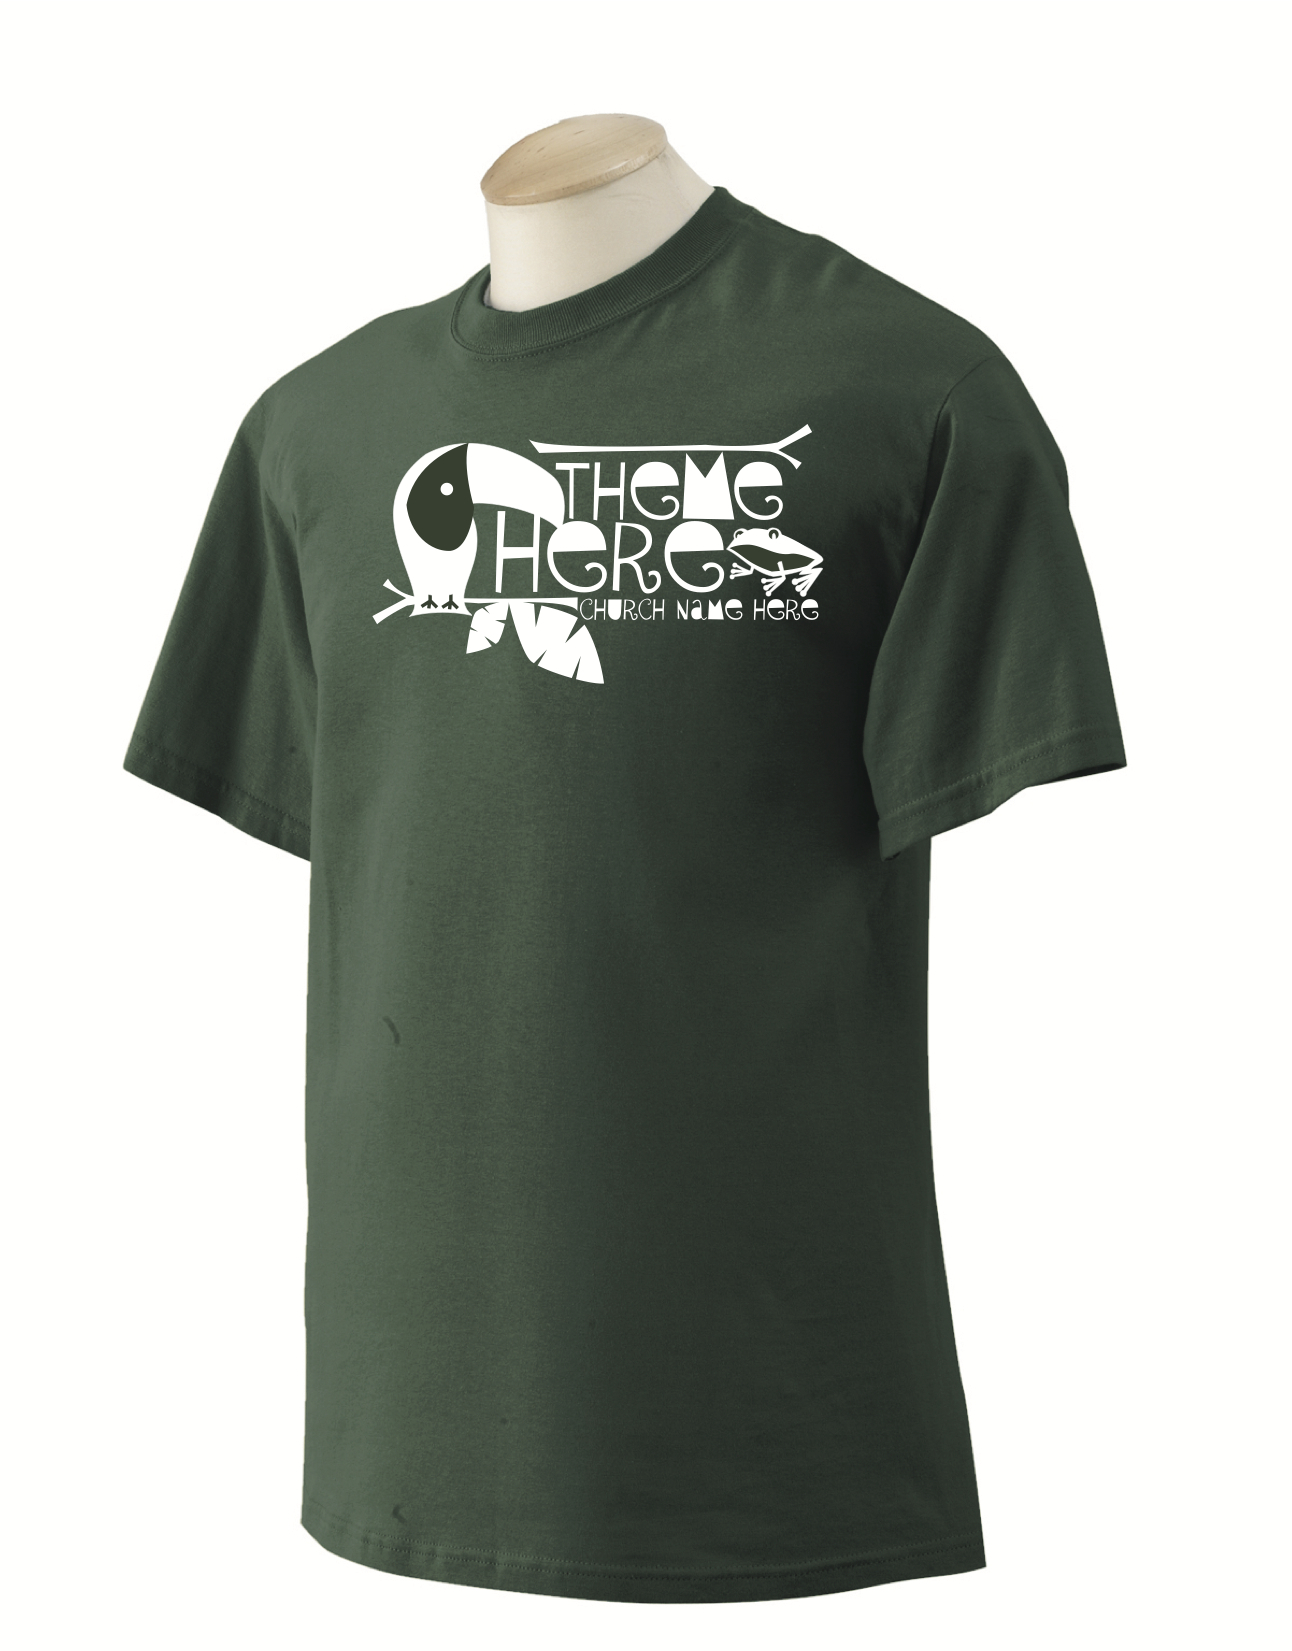 rainforest 1 forest shirt.jpg